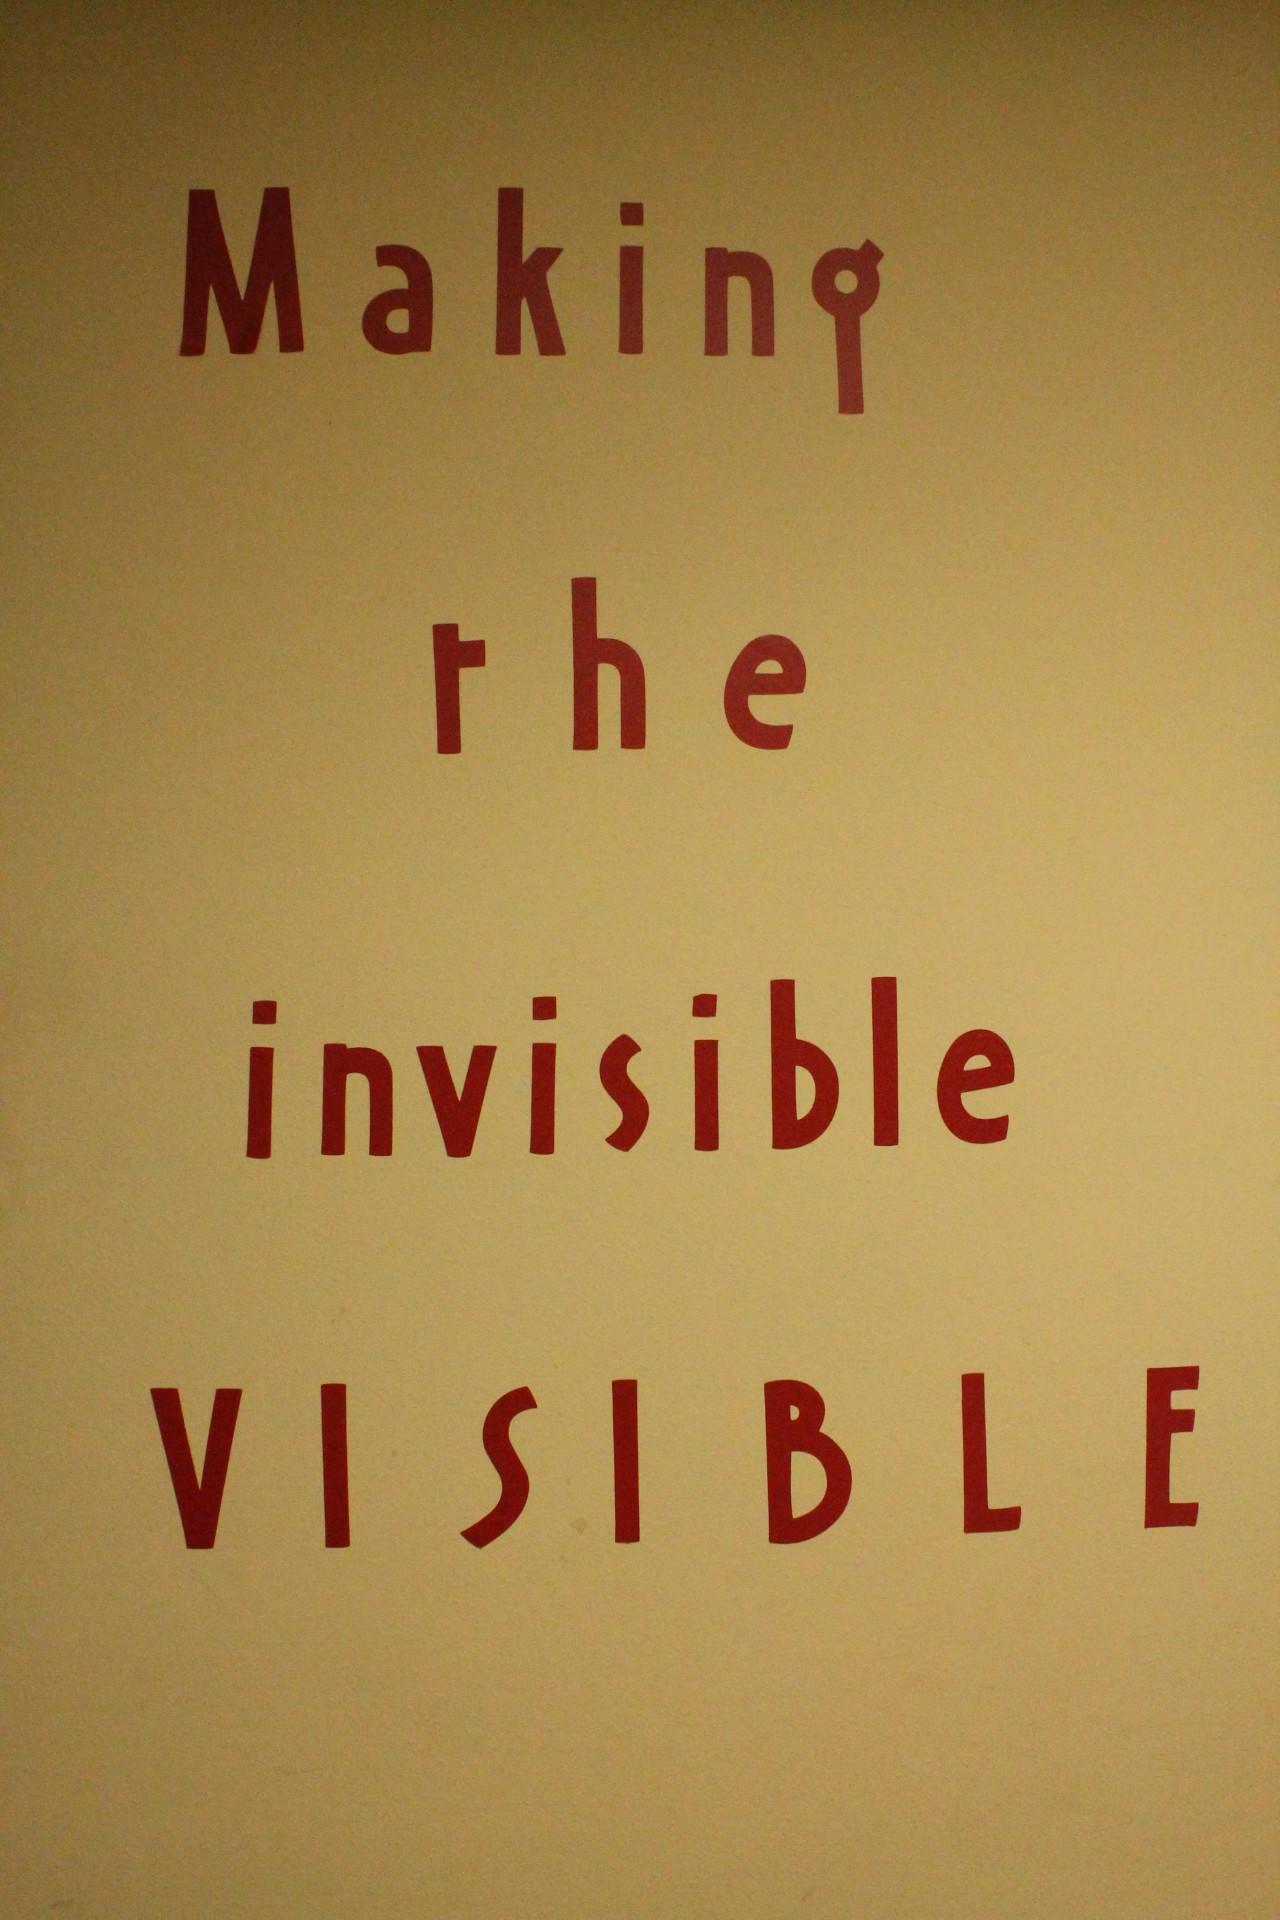 MakingInvisibleVisible